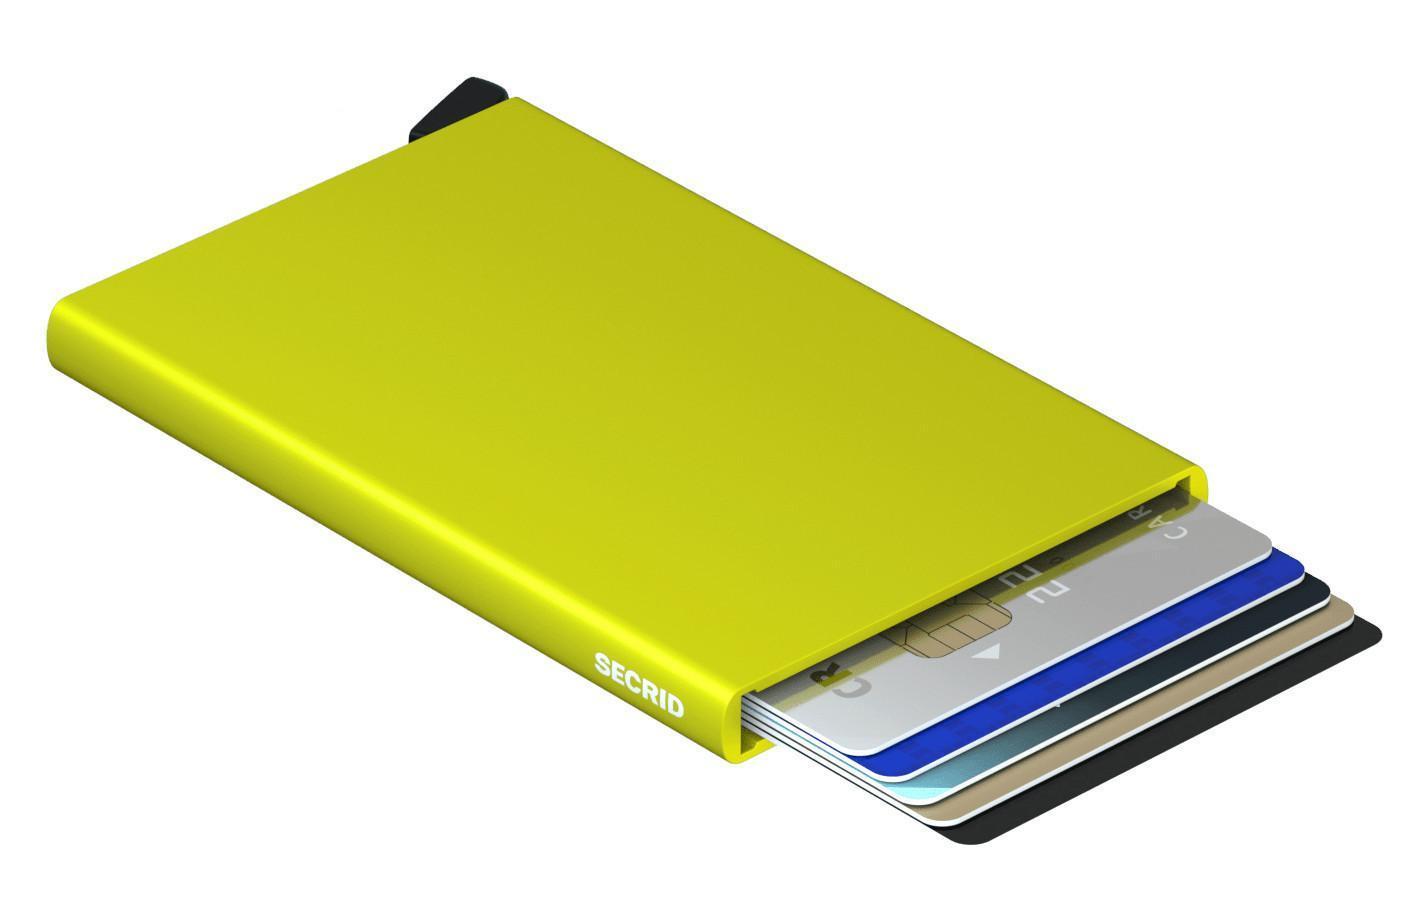 Secrid Wallet- edles Design vereint mit großem Nutzen